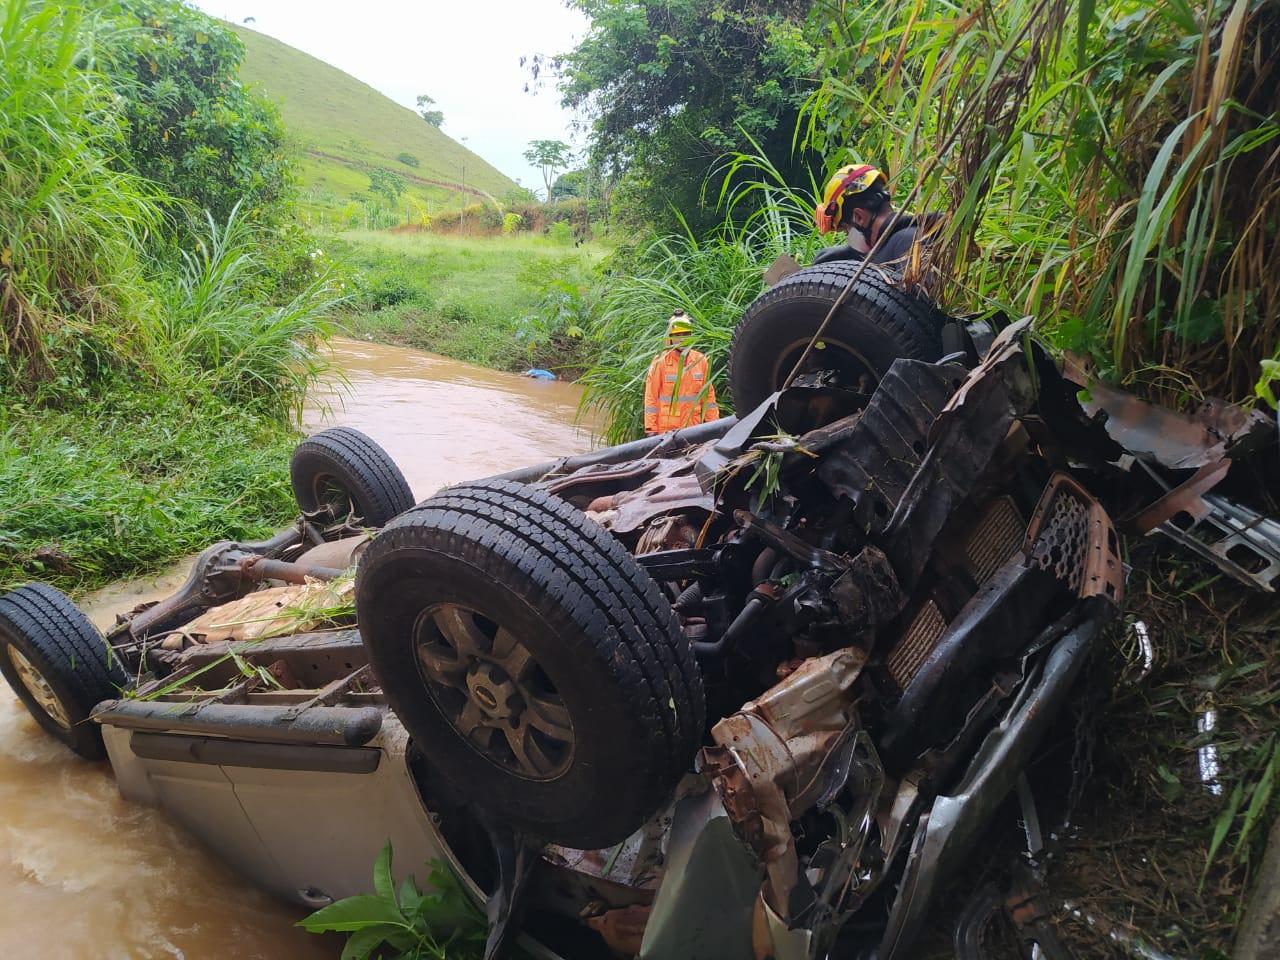 Mulher morre e quatro pessoas ficam feridas em acidente na BR-267 entre Maripá de Minas e Bicas - Foto: Divulgação/Corpo de Bombeiros